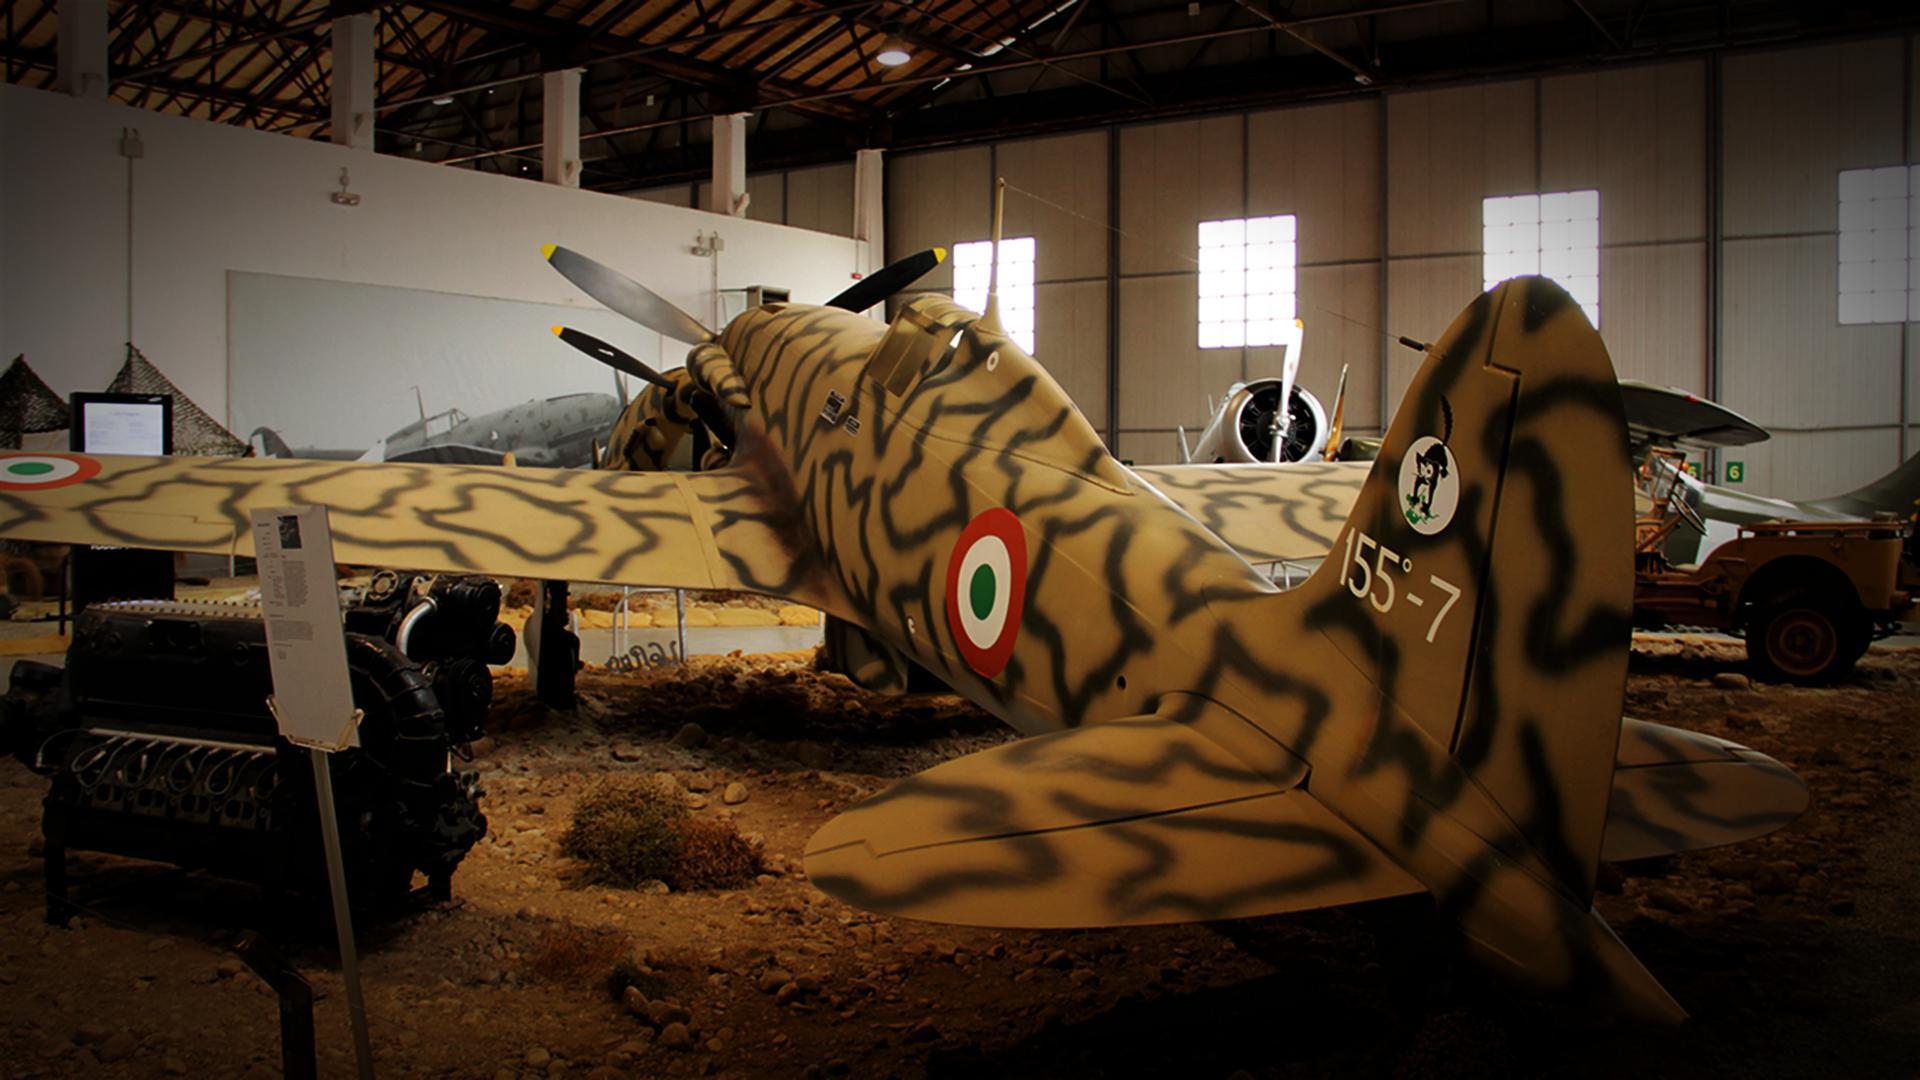 museo-volo-volandia-57